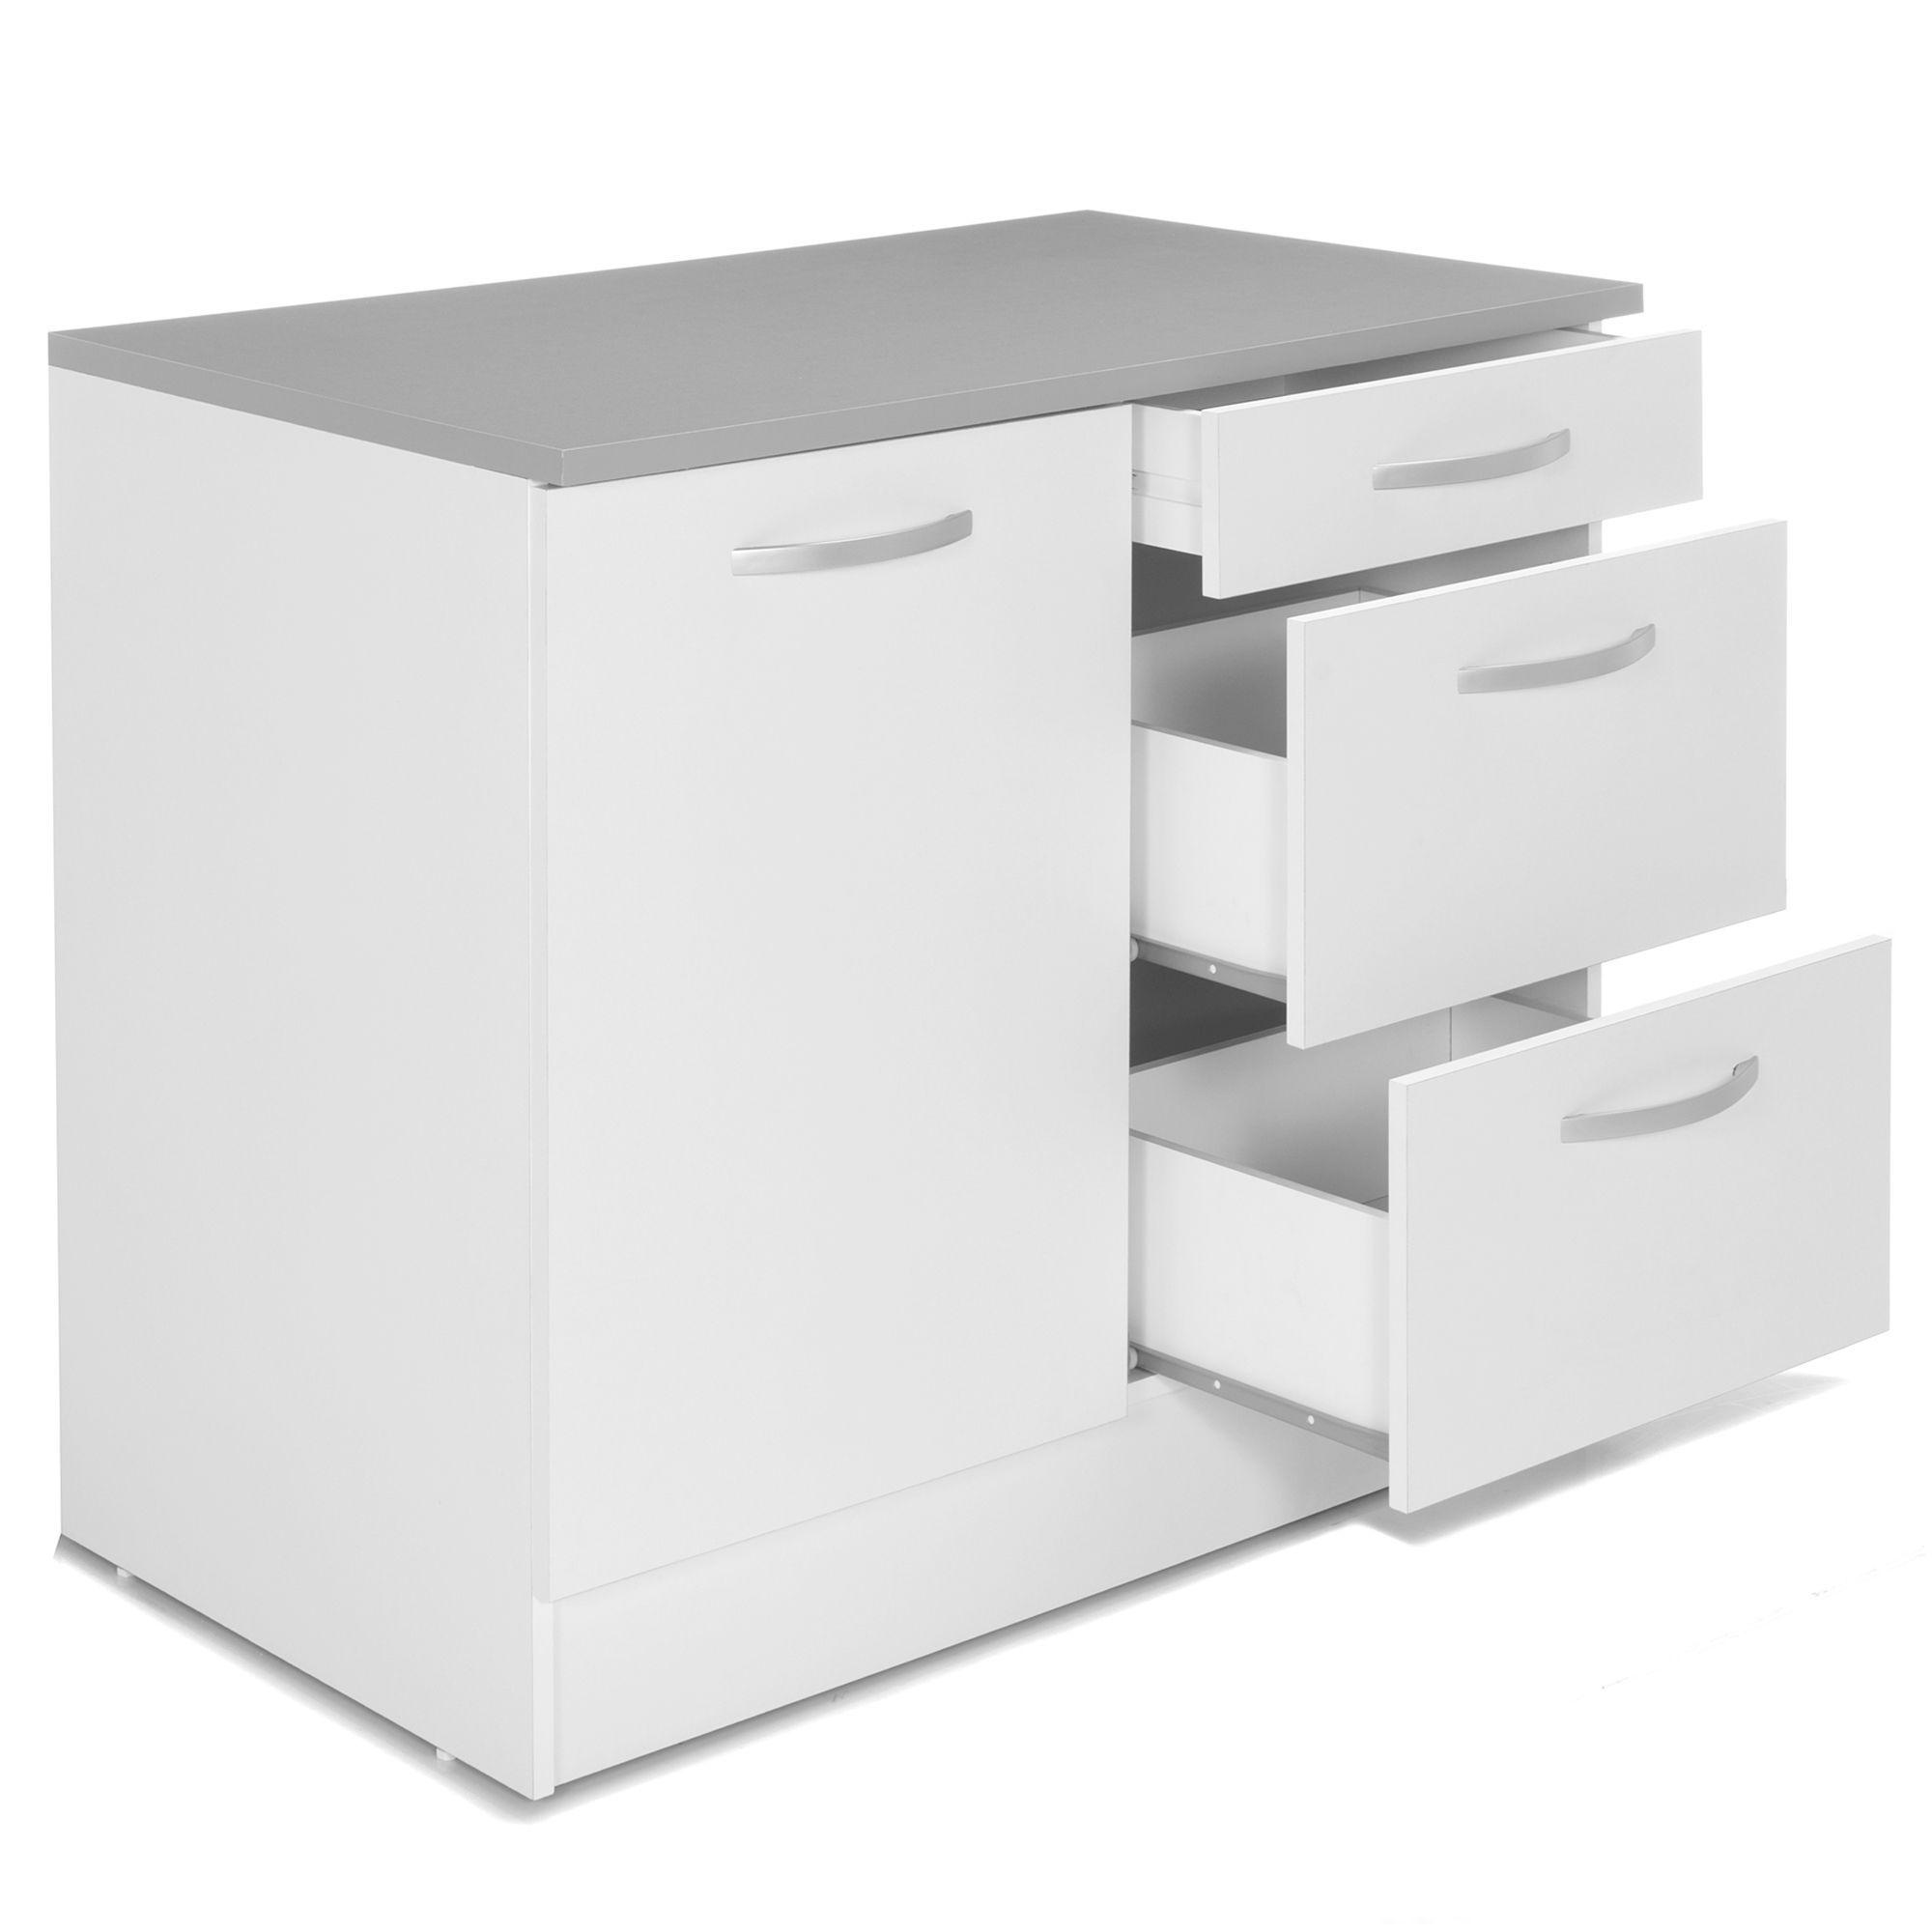 Meuble de cuisine bas pour évier avec tiroirs 10cm Blanc - Eko